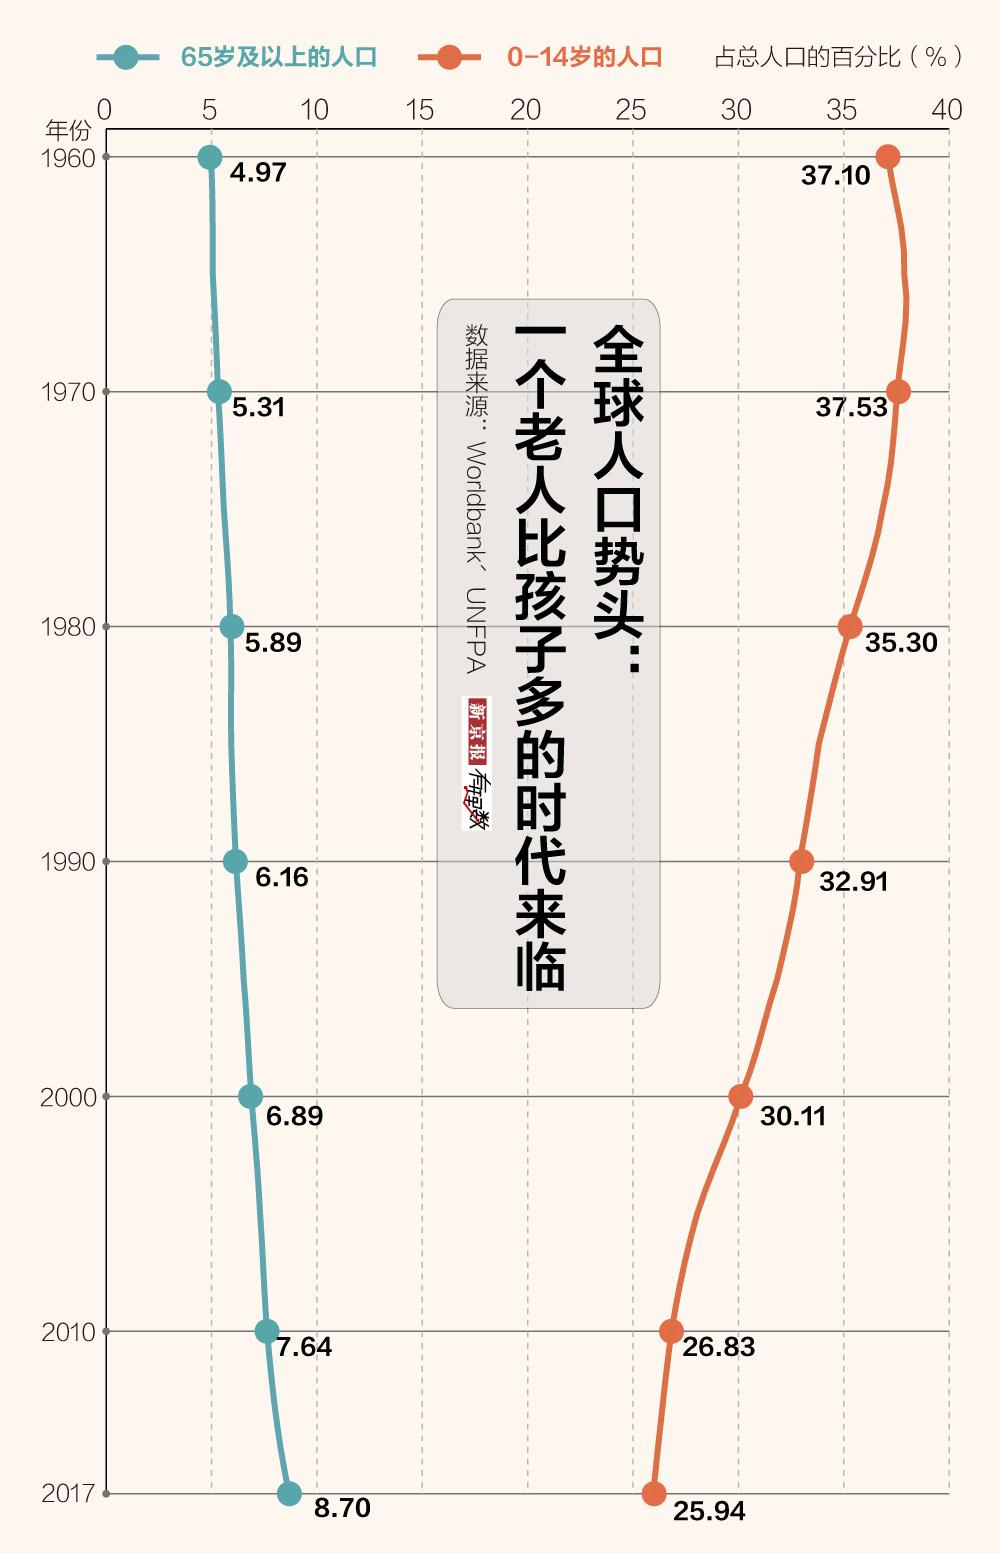 全球老龄化图鉴:日本最严重 中国2030年养老金或告罄